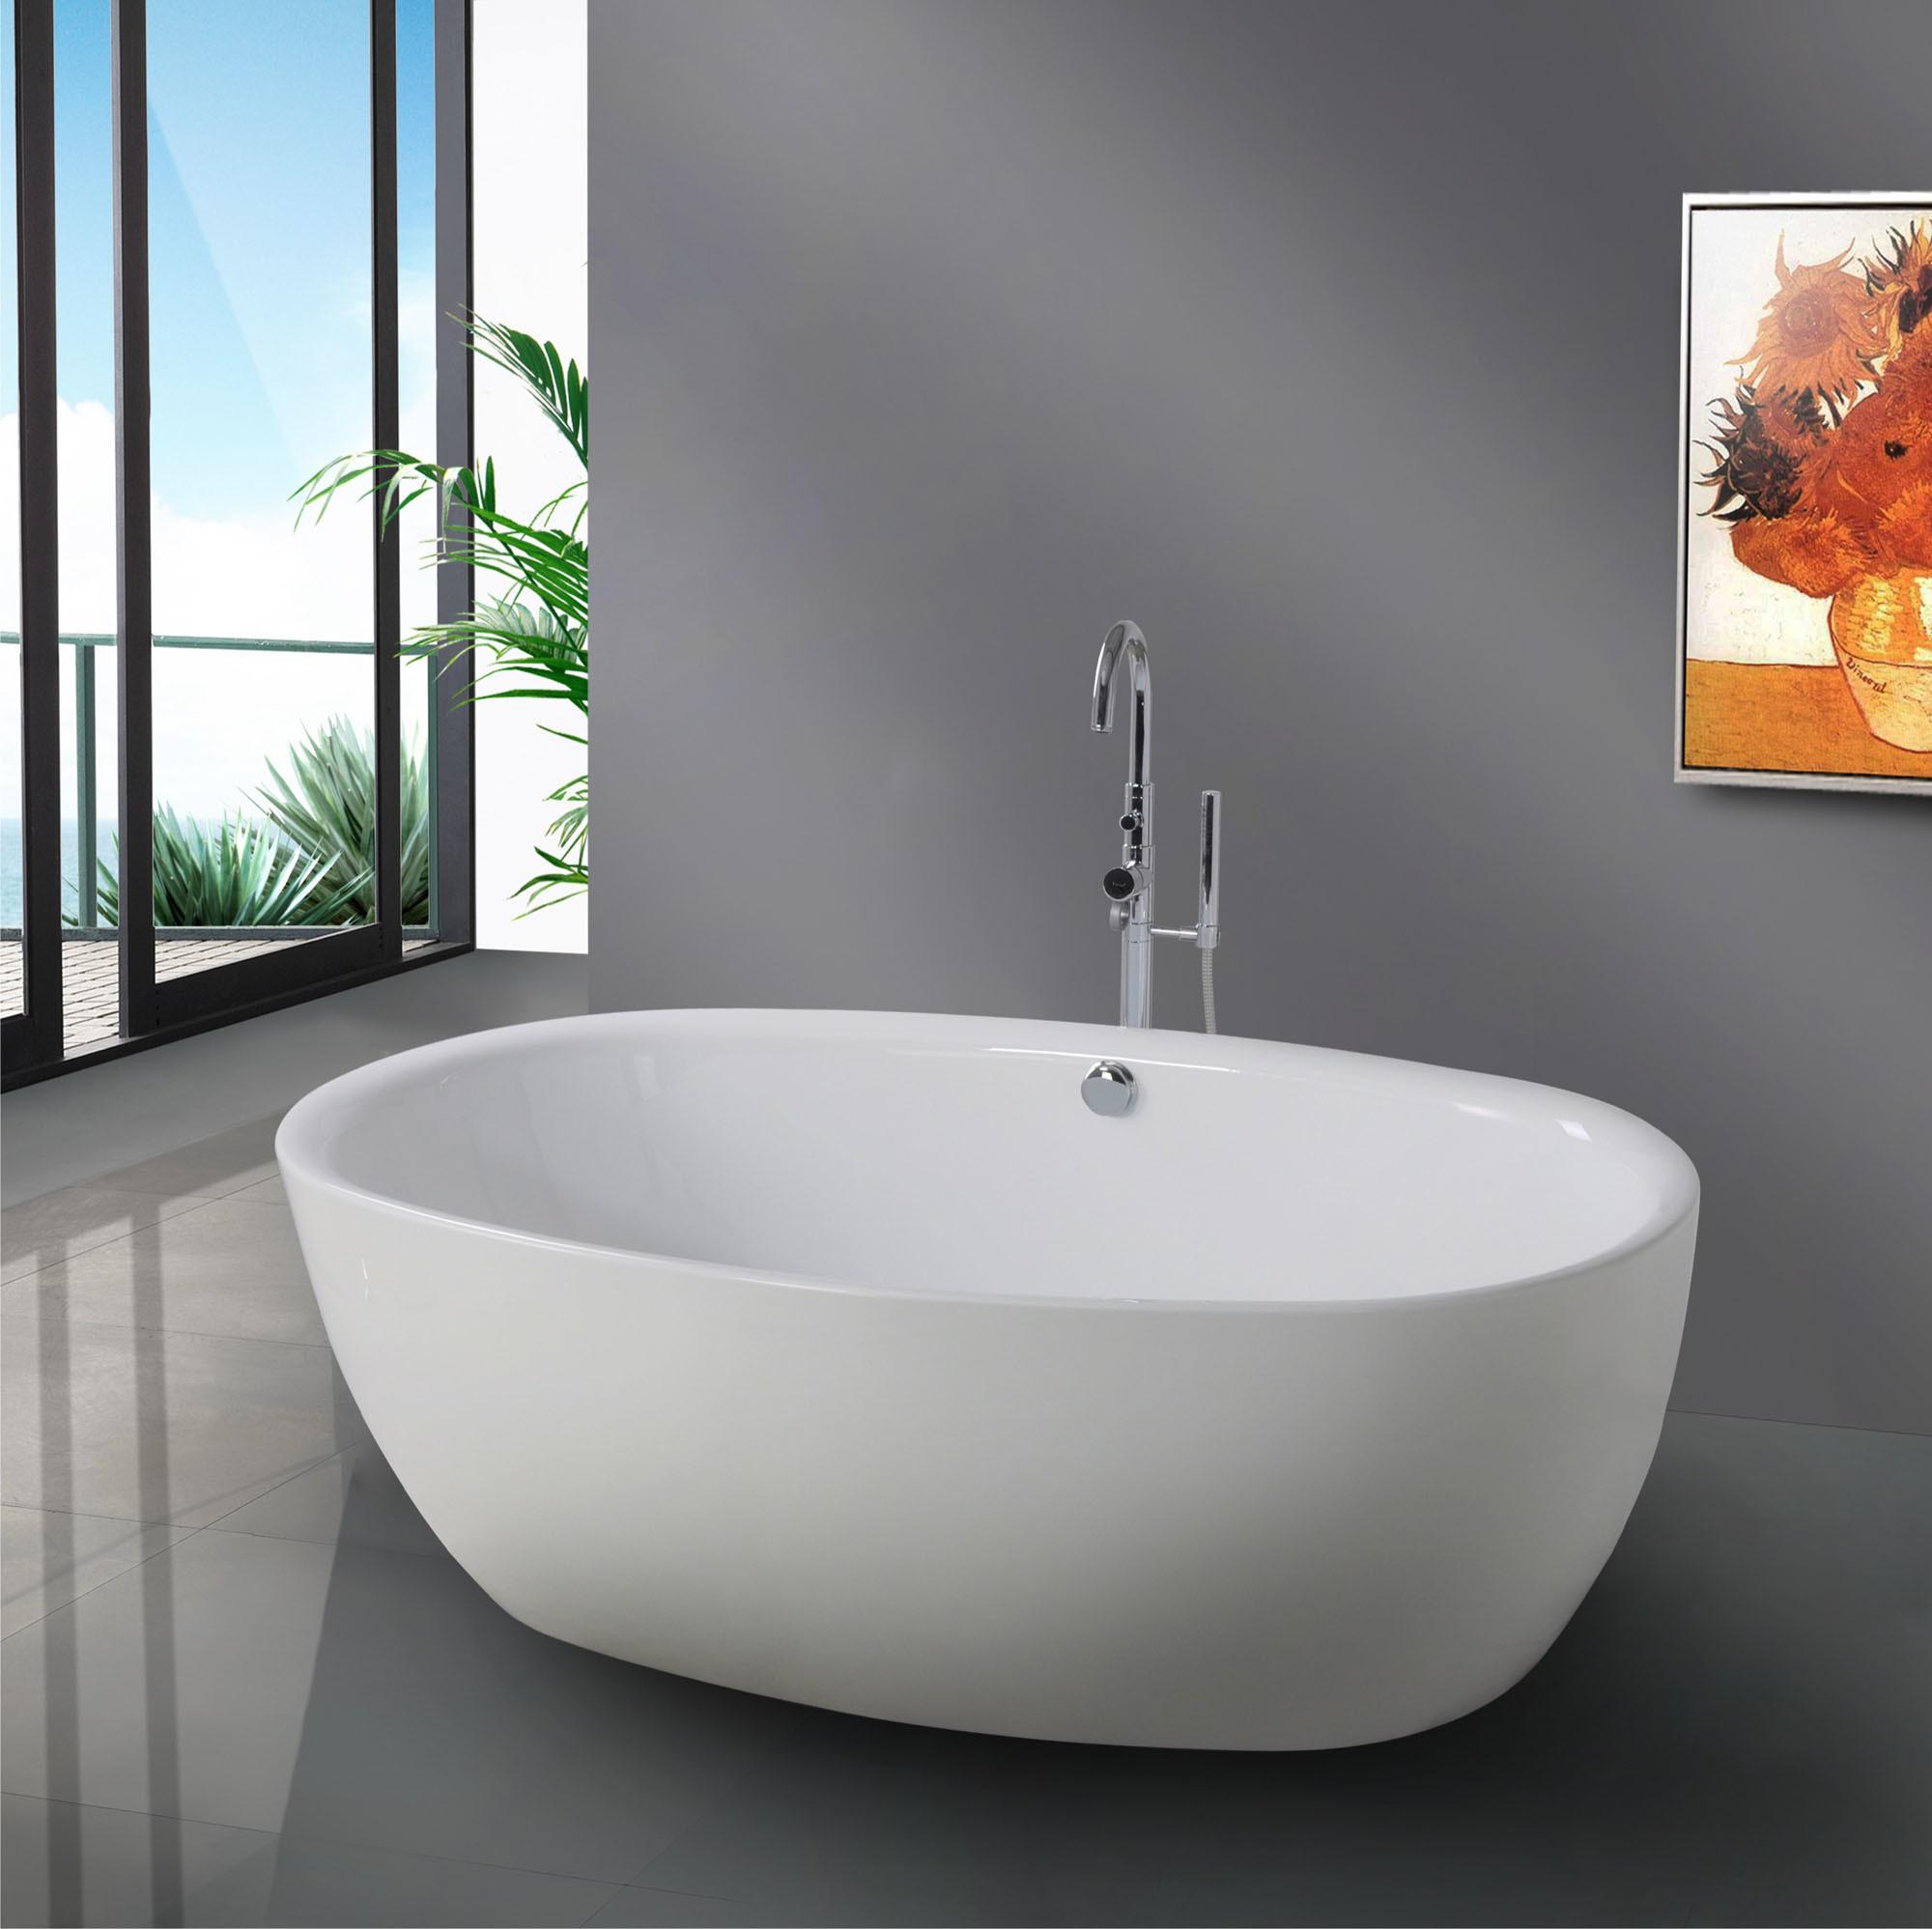 Caldo in 2012 vasca da bagno indipendente moderna bf 6614 - Gambe vasca da bagno ...